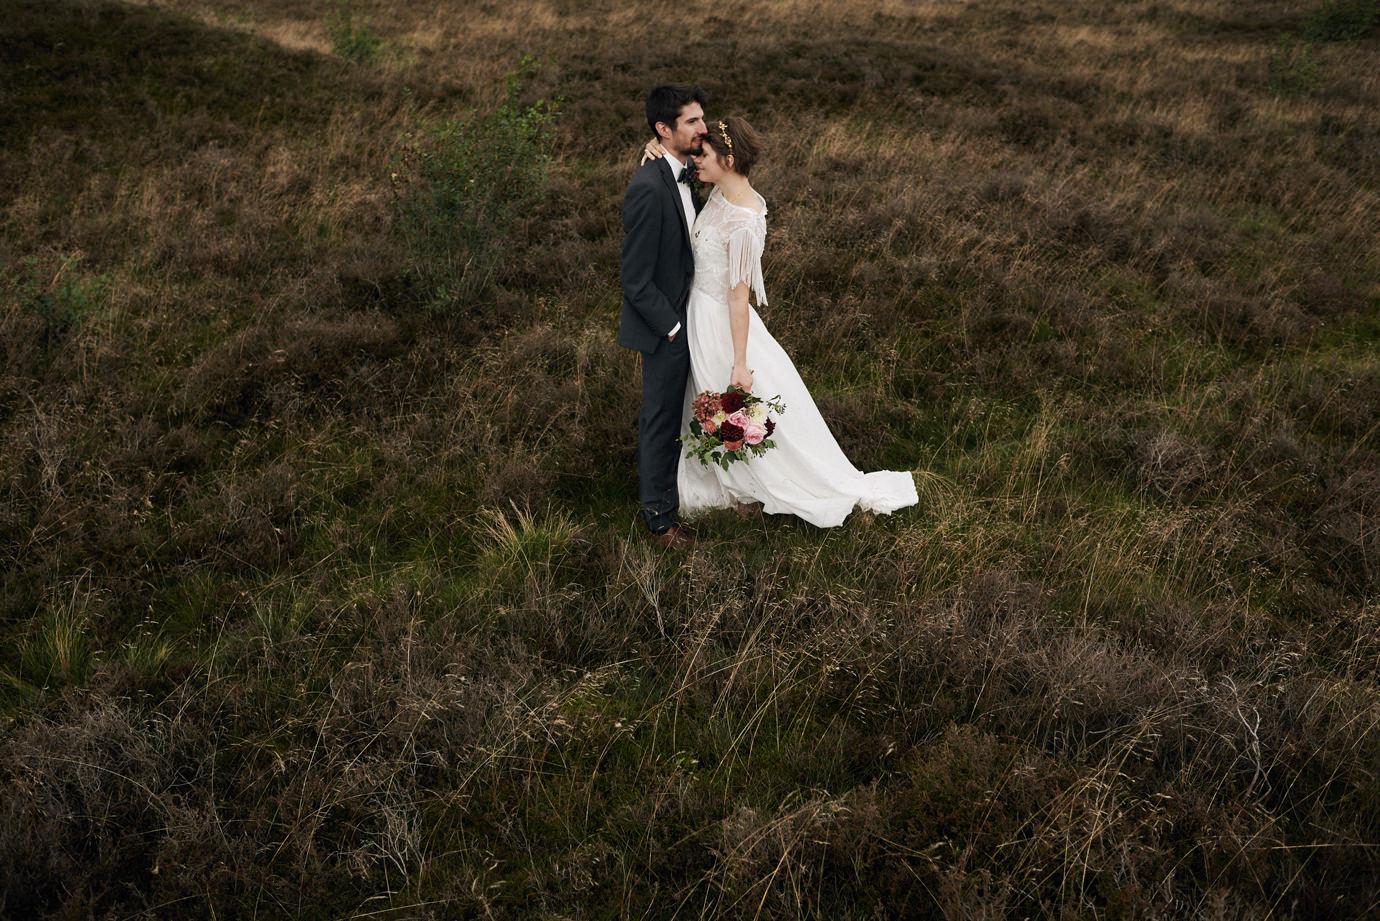 hochzeitsfotograf bremen helena harfst brautkleid